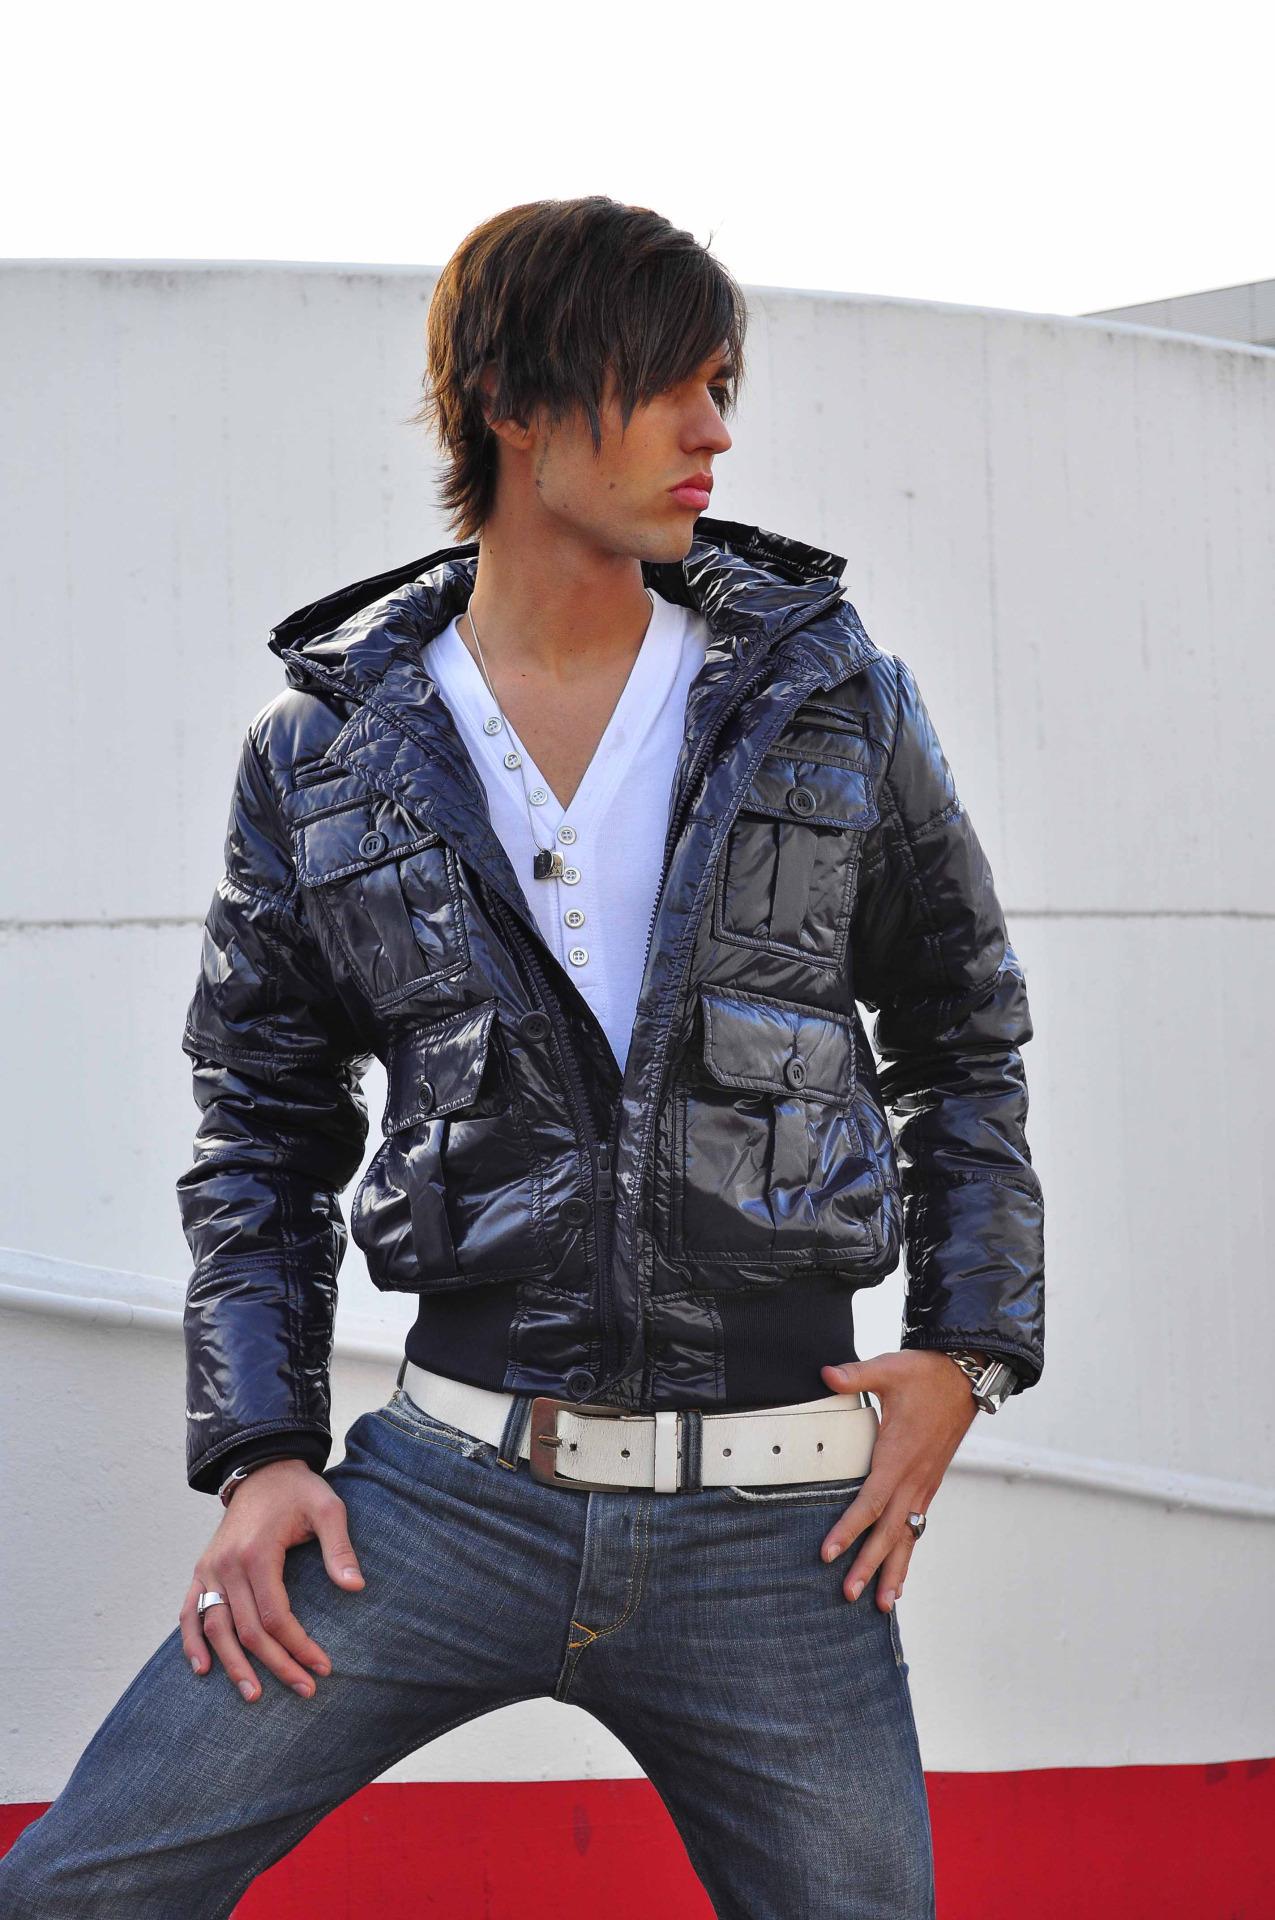 Muška moda u Srbiji i svetu - Page 4 Tumblr_obgm92Or8T1sh2ivno1_1280